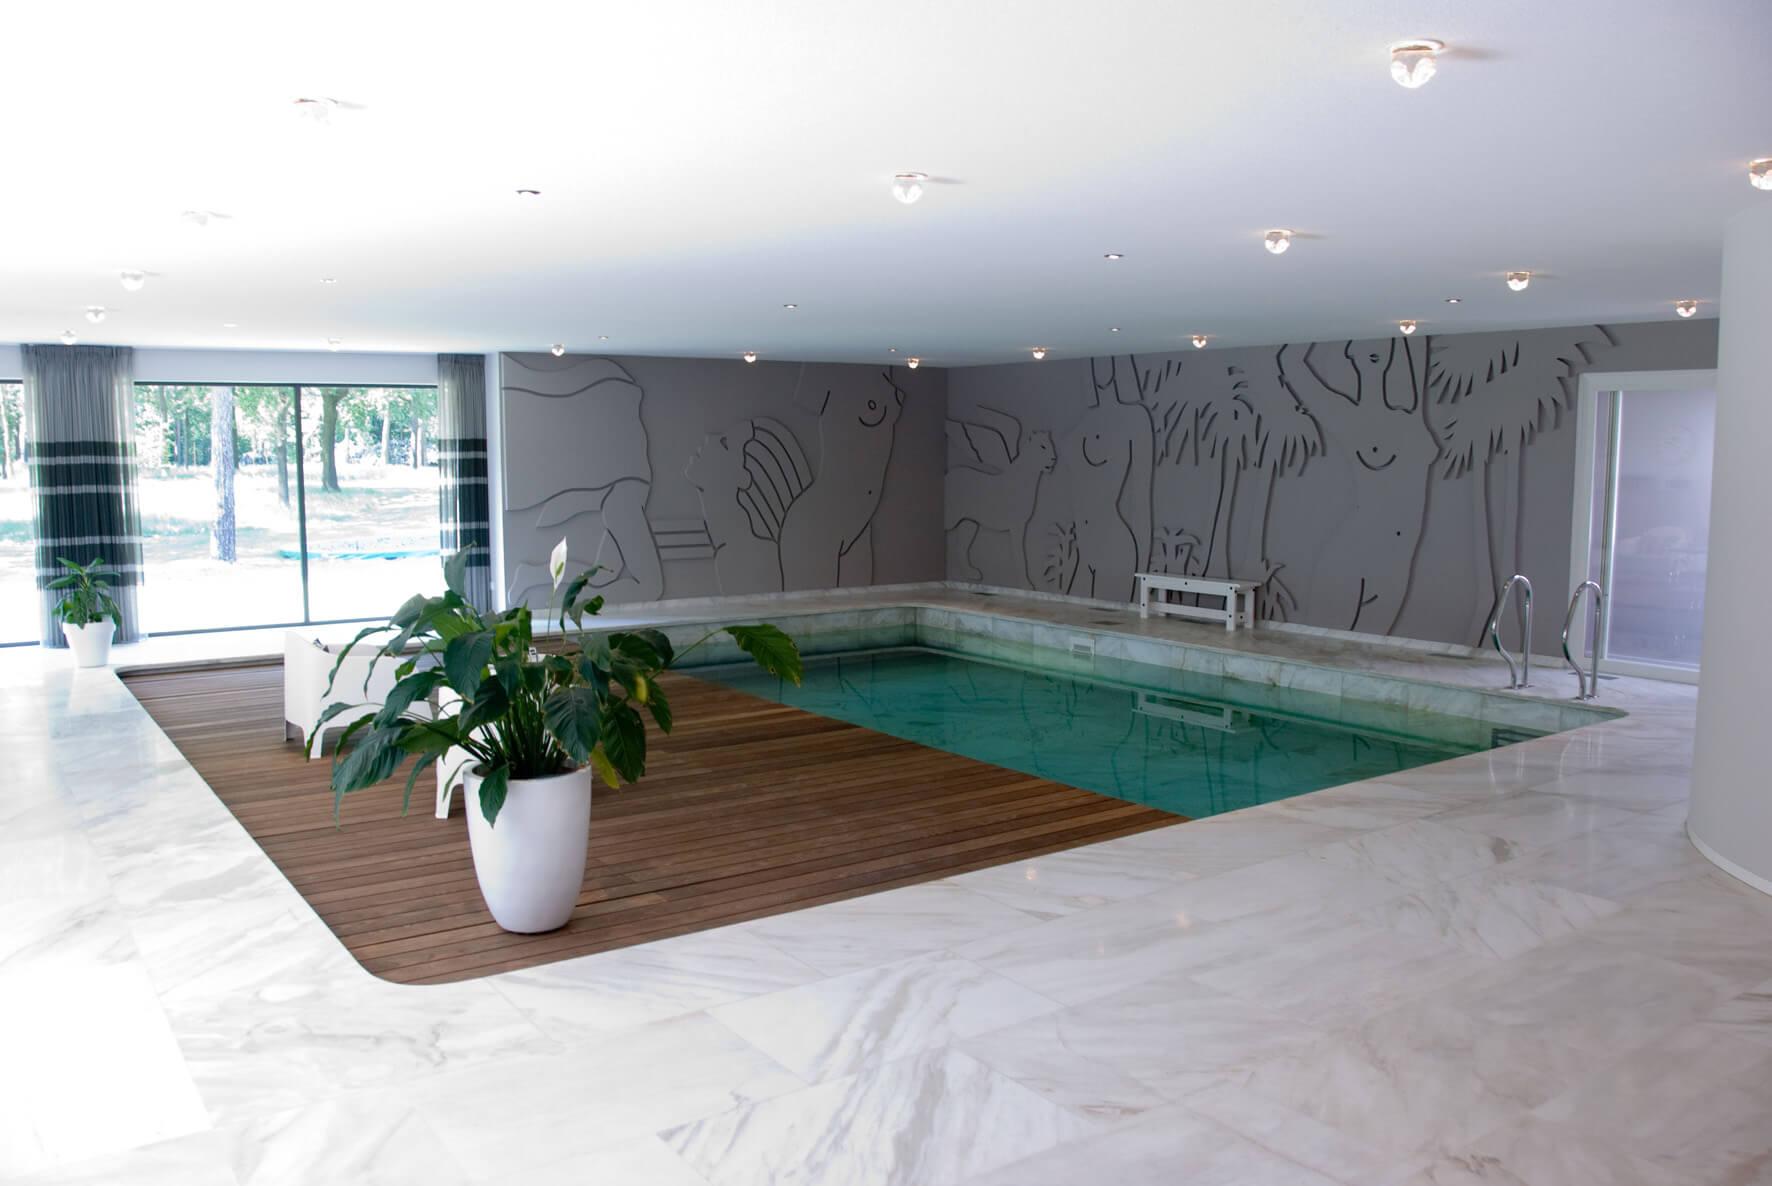 Binnenzwembad met terras en bestaand kunstwerk op wand